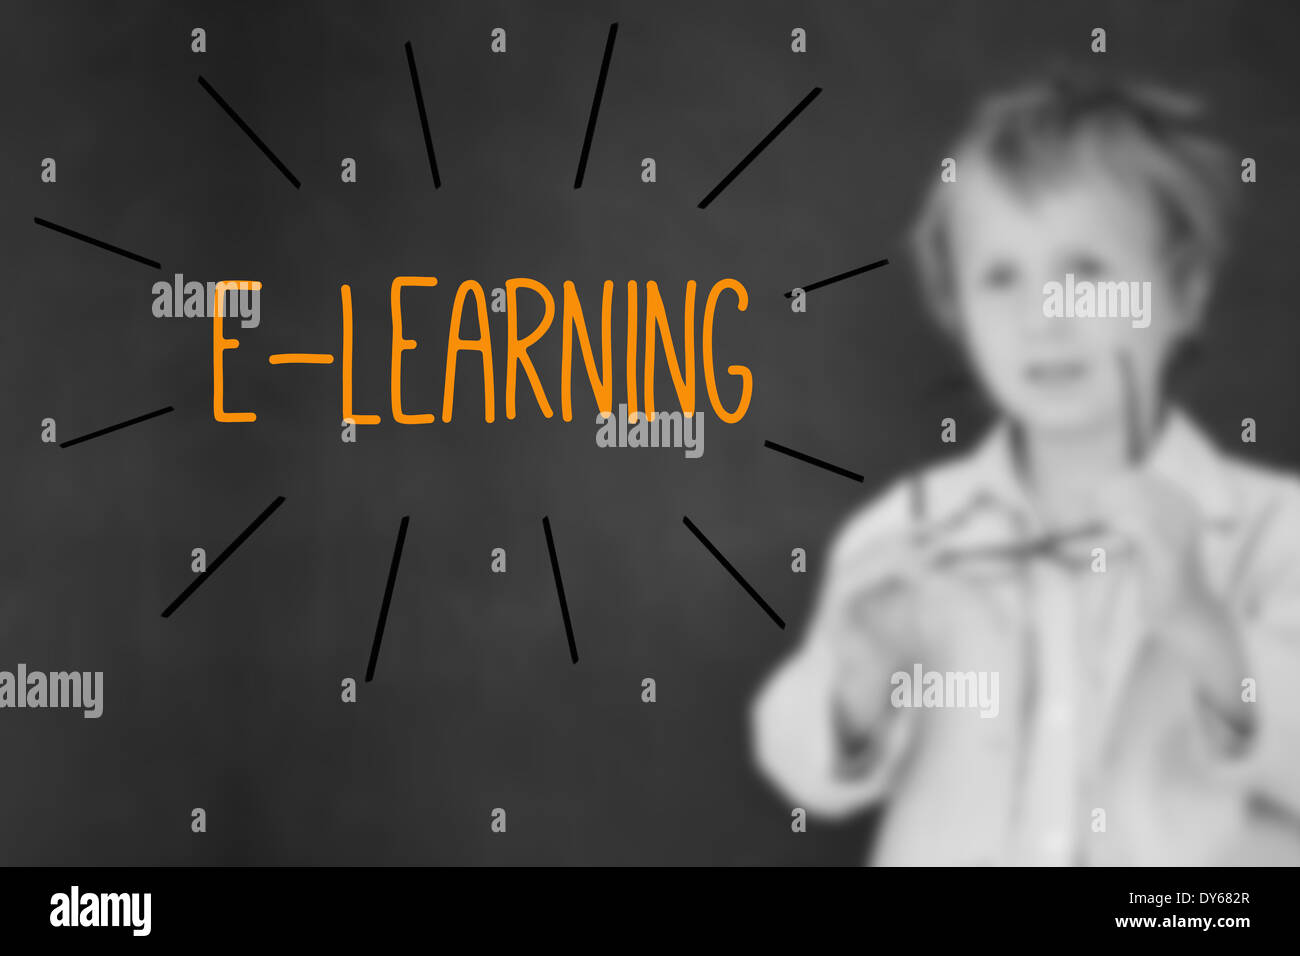 E-learning contra el colegial y blackboard Foto de stock